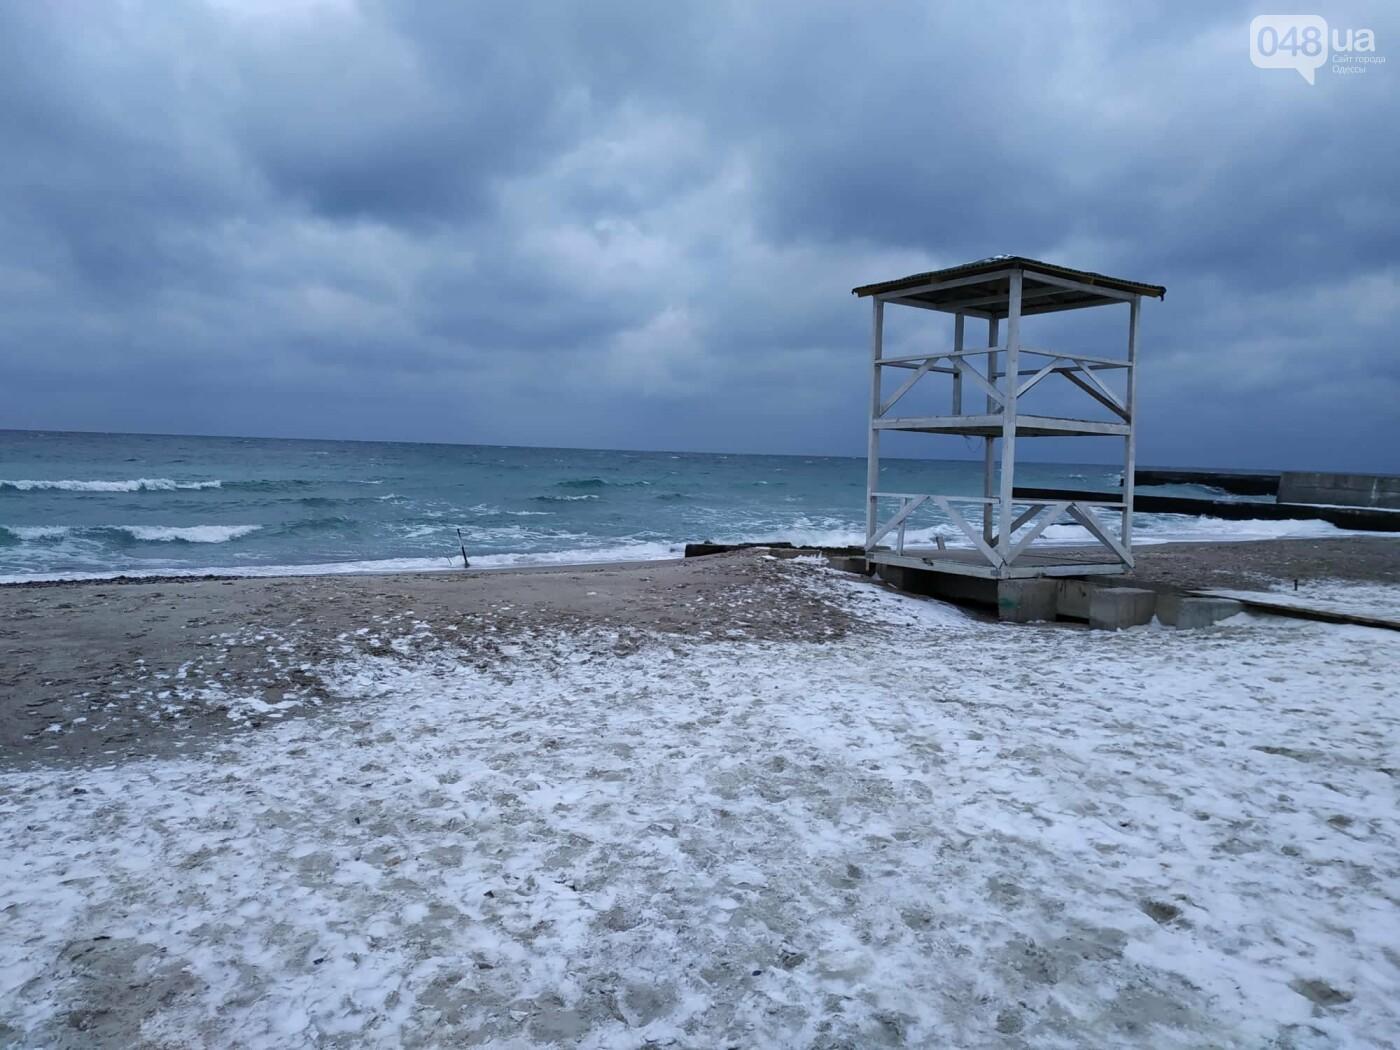 Заснеженные одесские пляжи вечером: вот где стоит прогуляться, - ФОТО, фото-59